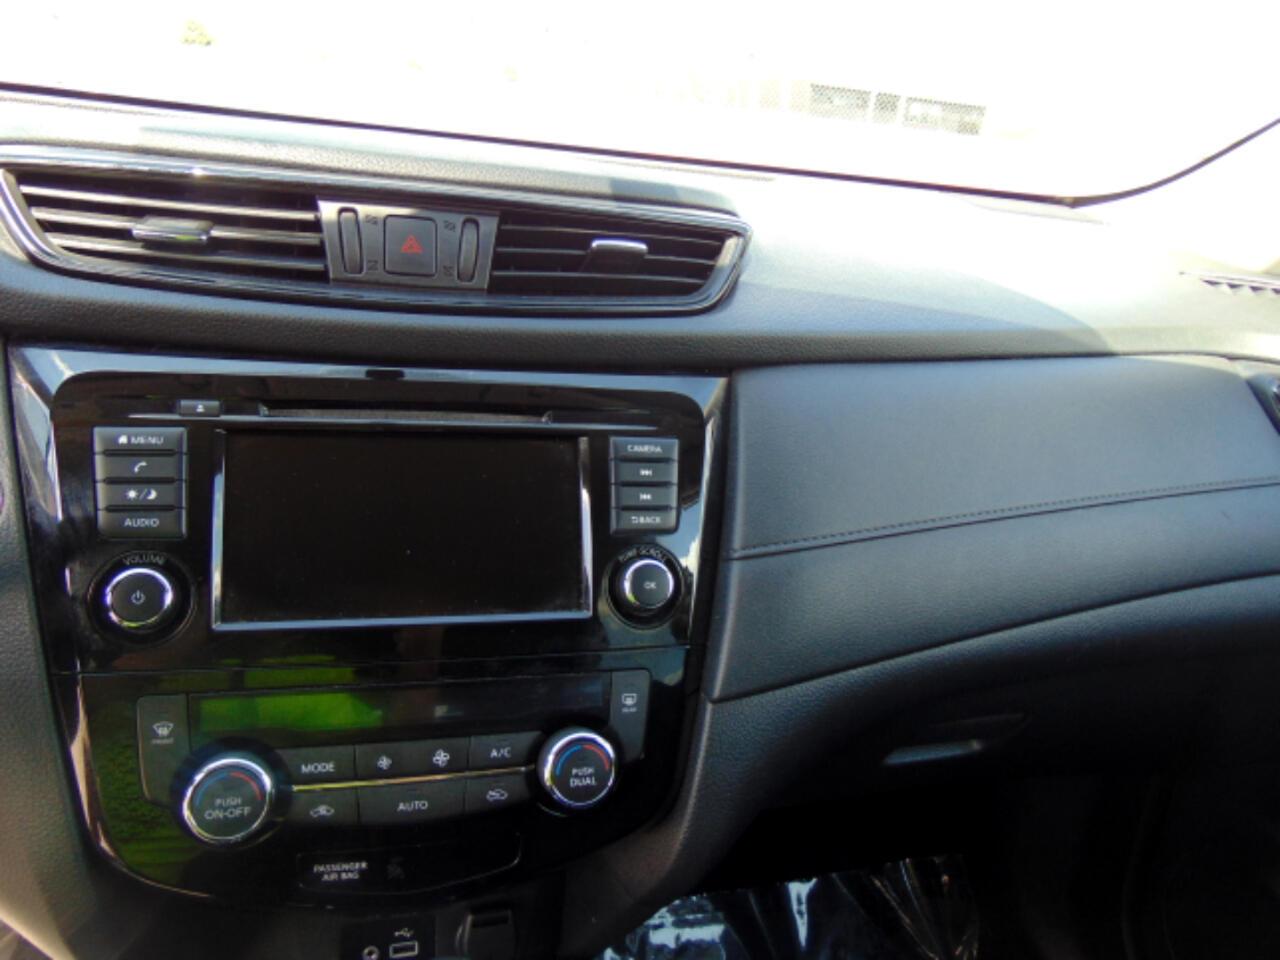 2018 Nissan Rogue FWD SV